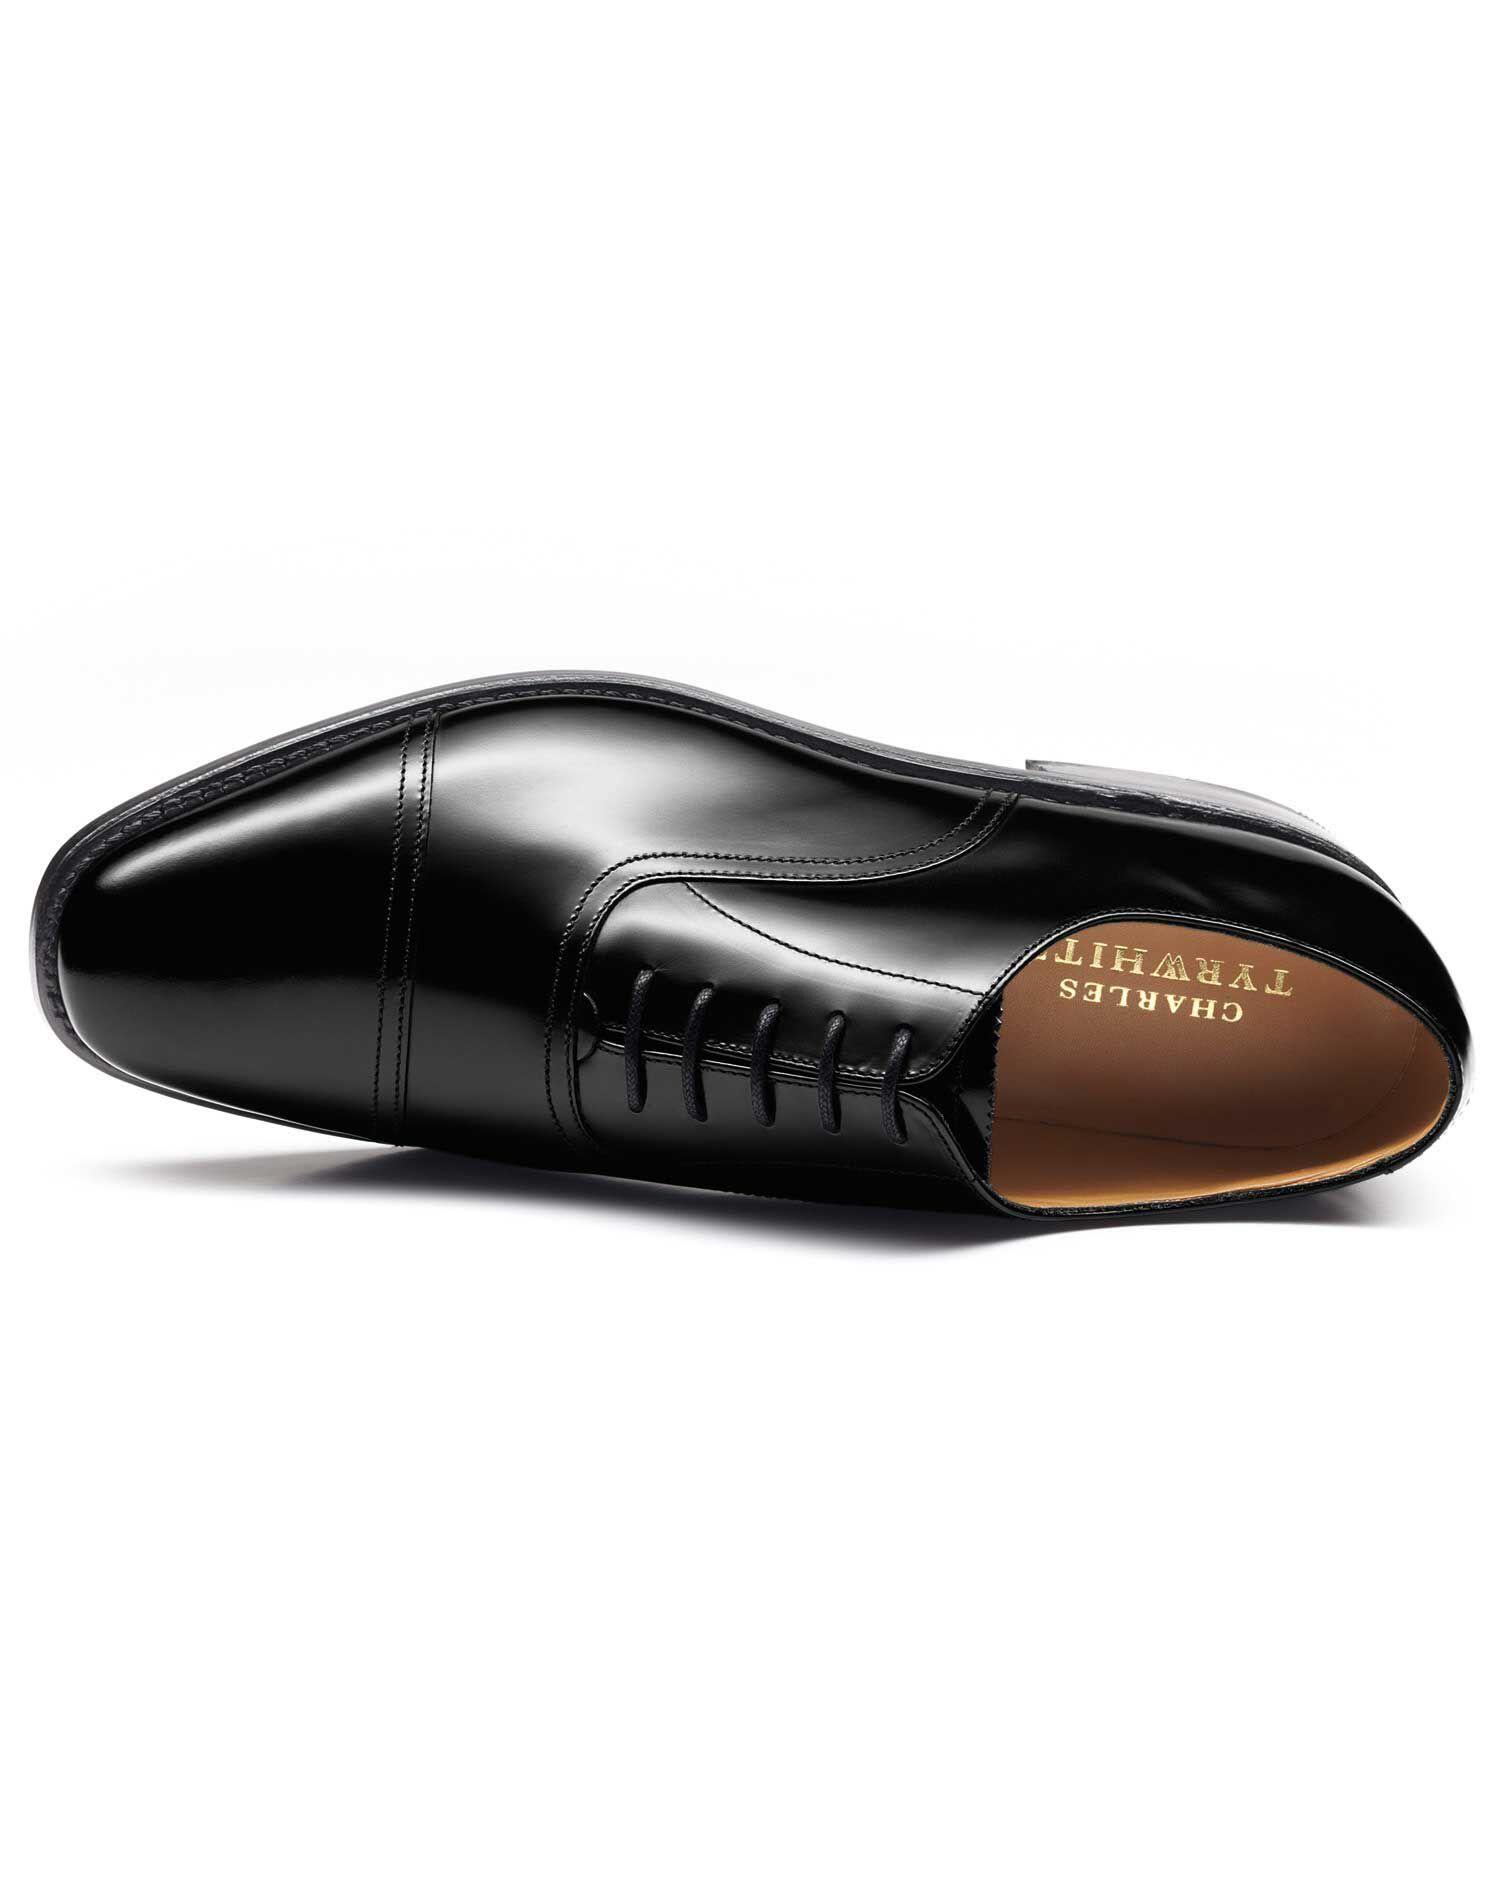 Black Bennett Toe Cap Oxford Shoes Size 10 R by Charles Tyrwhitt